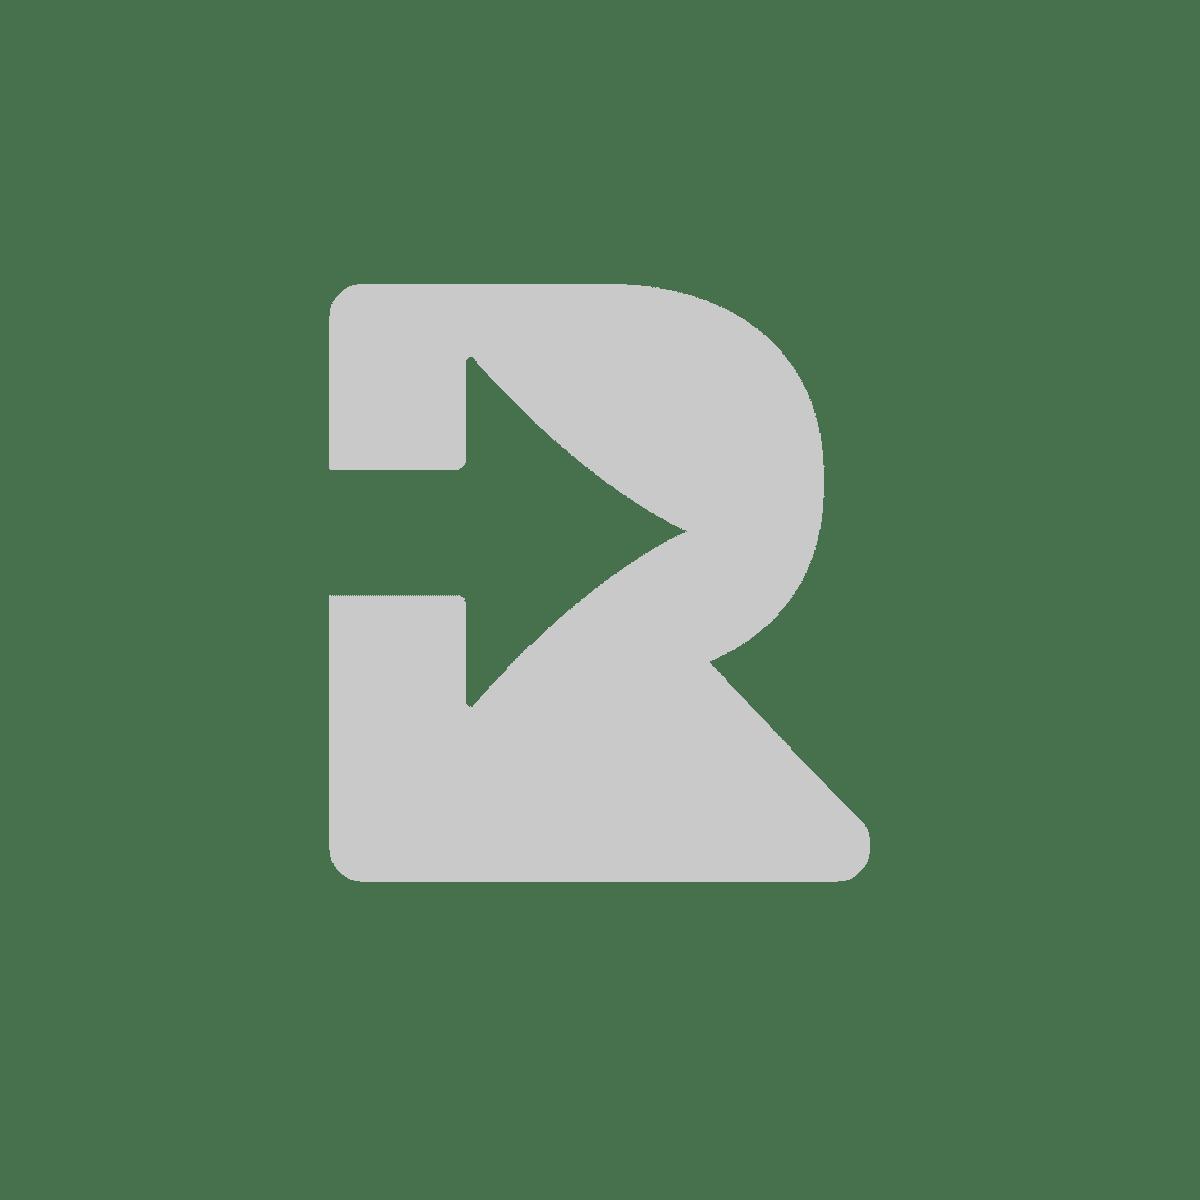 Romer App Logo